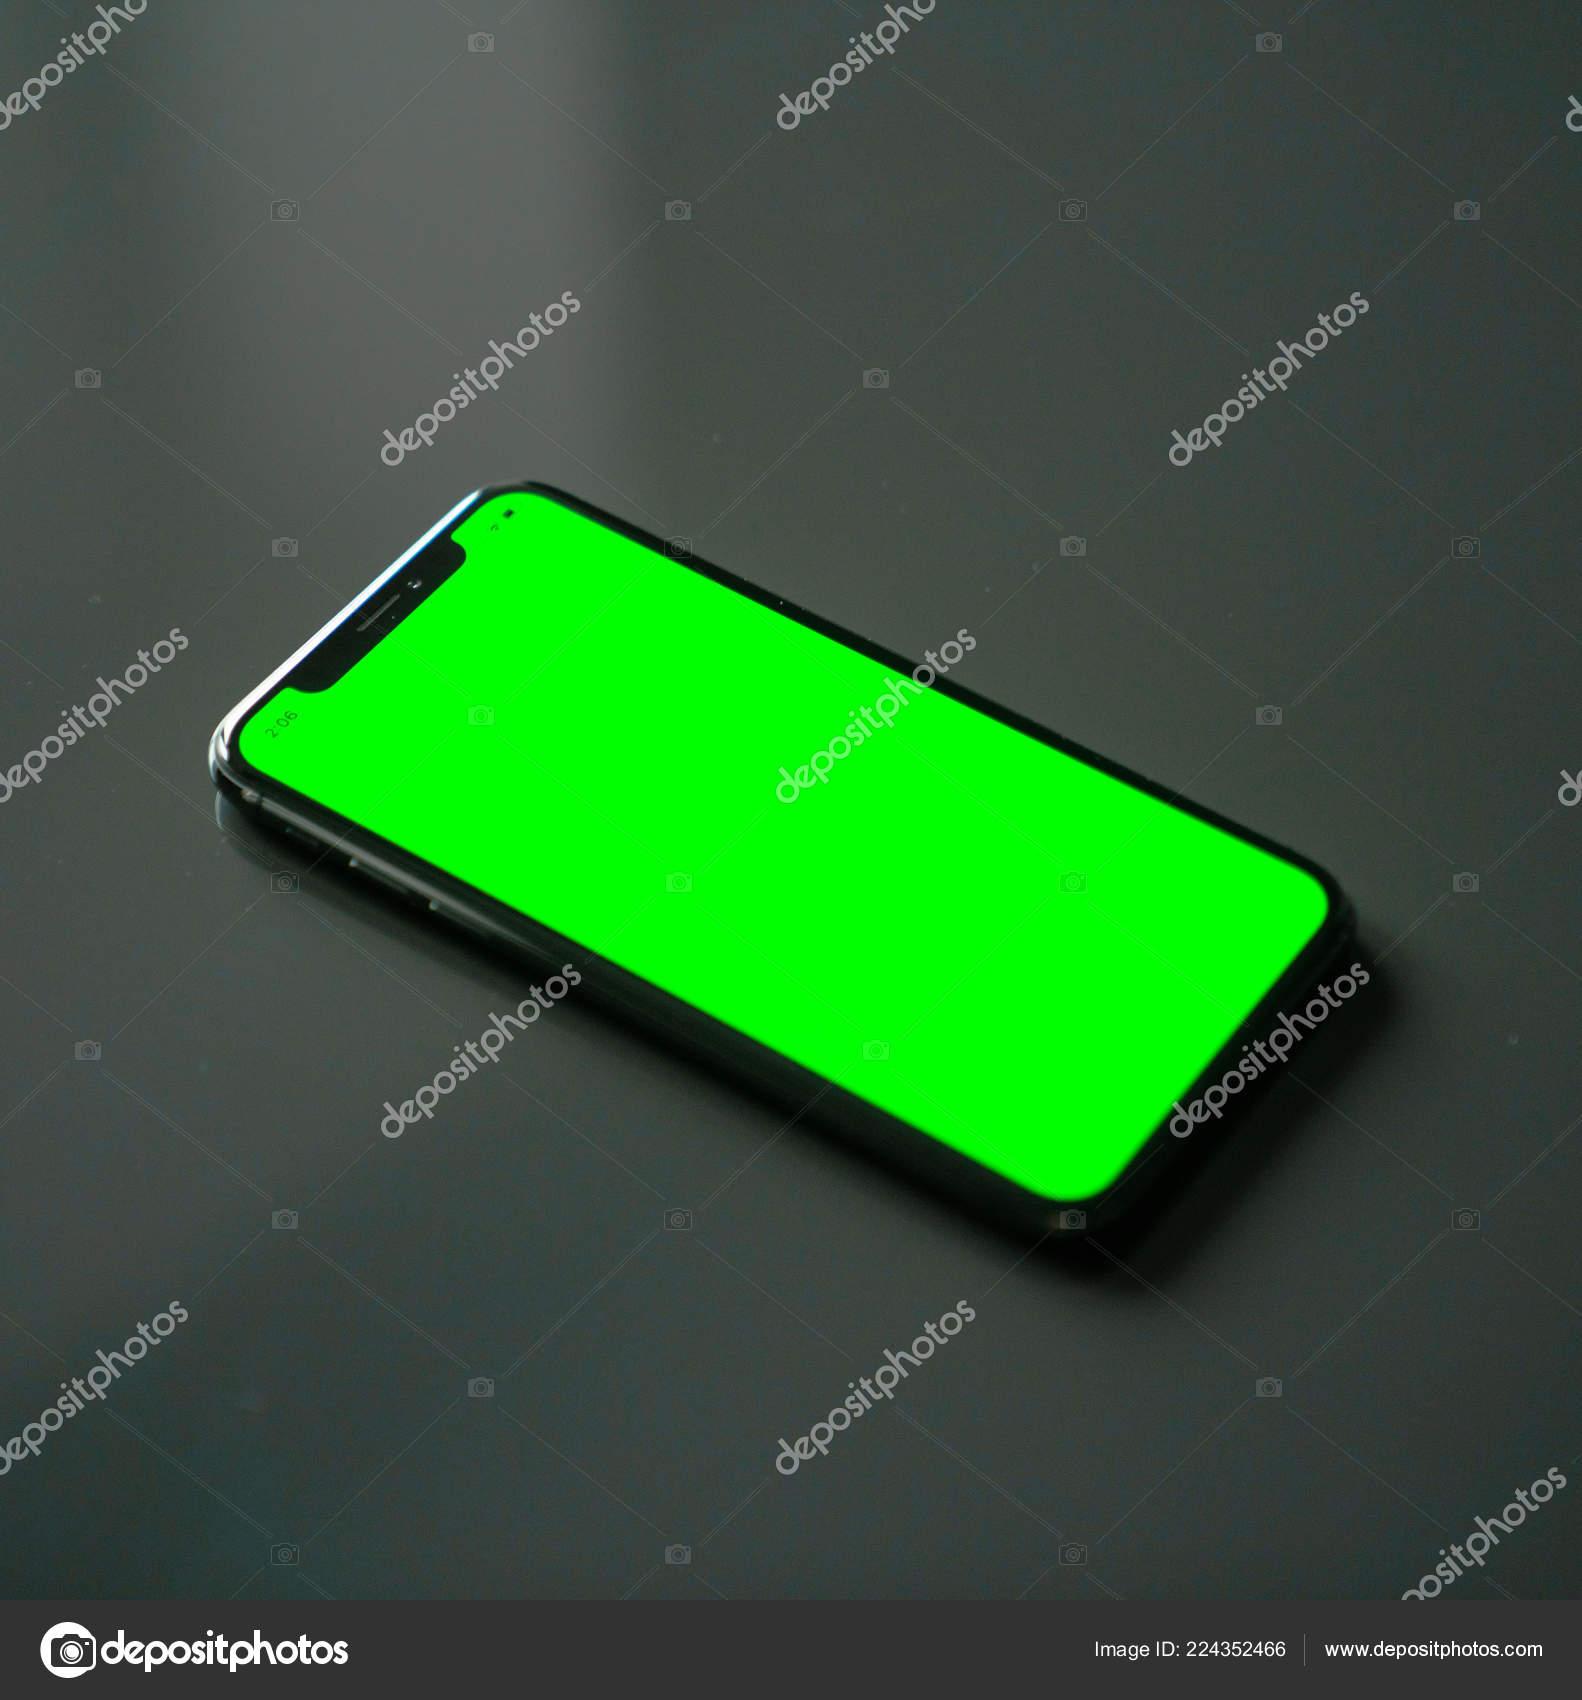 Iphone Schermo Verde Uno Sfondo Grigio Foto Stock Dobryv 224352466